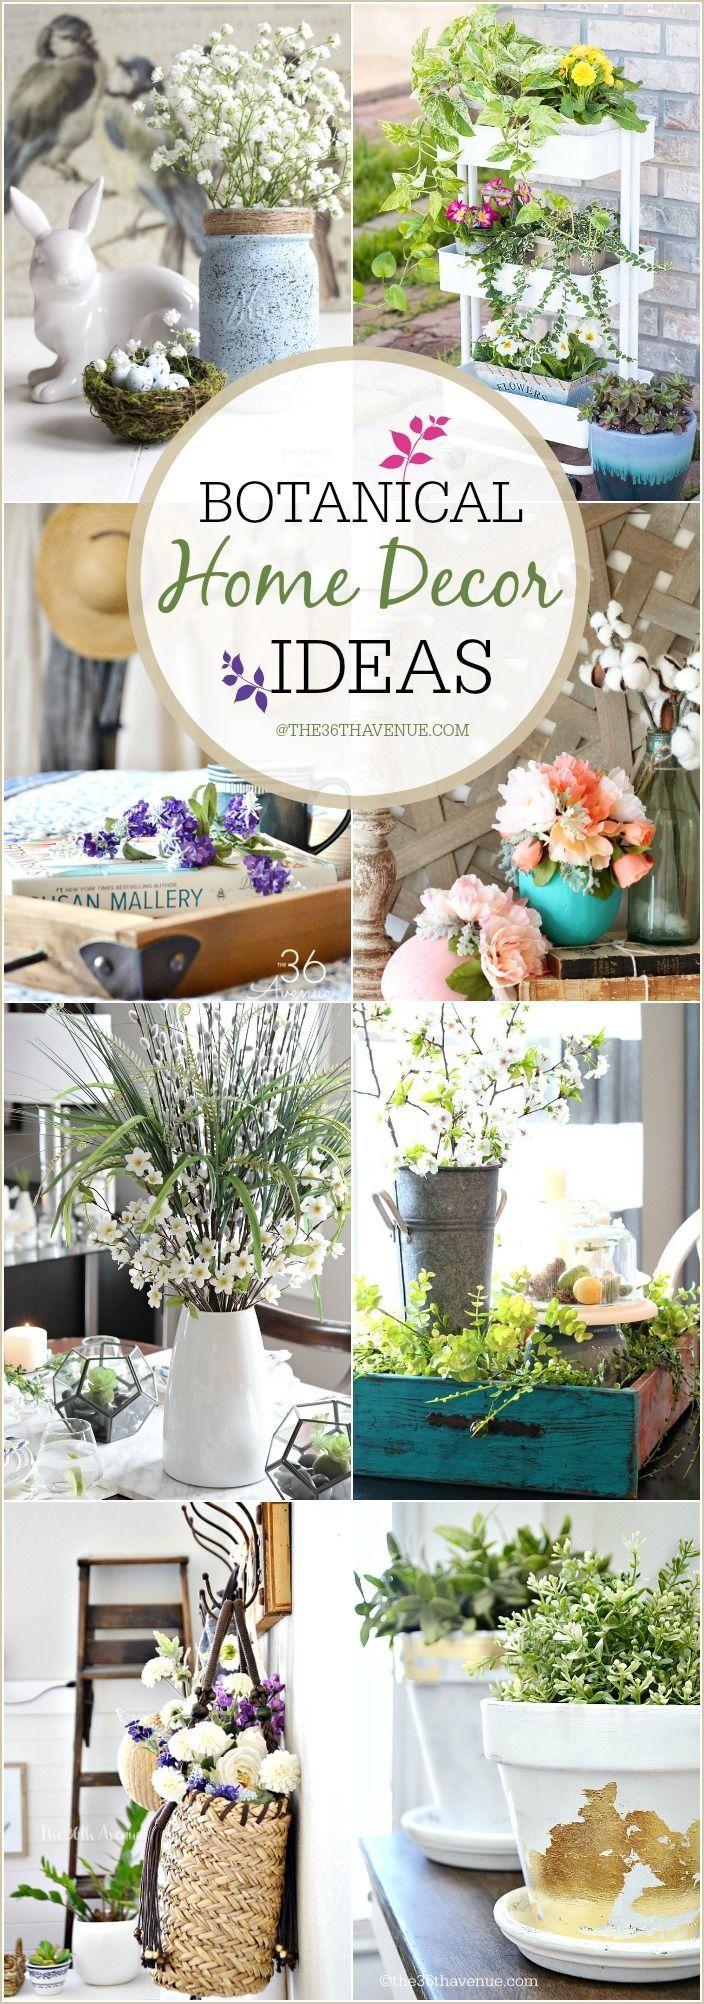 DIY Home Decor Botanical Spring Decor